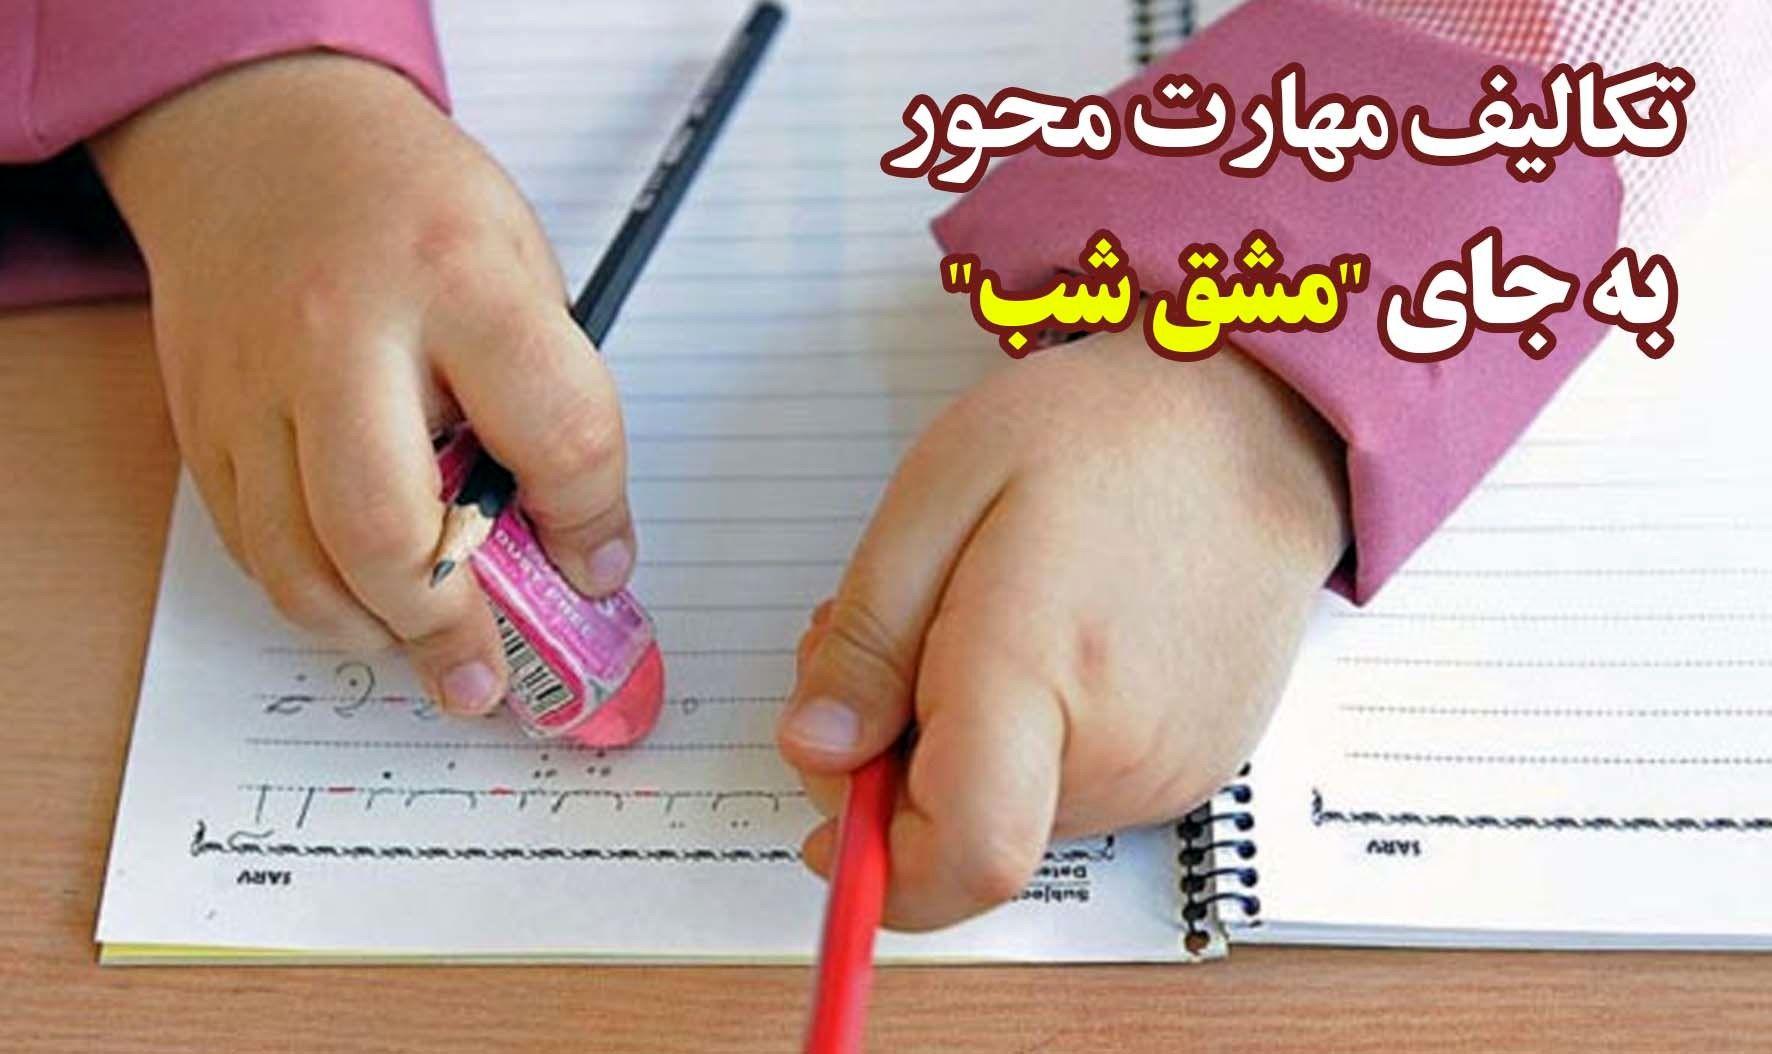 کاربرگ تکلیف مهارت محور درس مسجد محله ما پایه دوم دبستان بصورتpdf